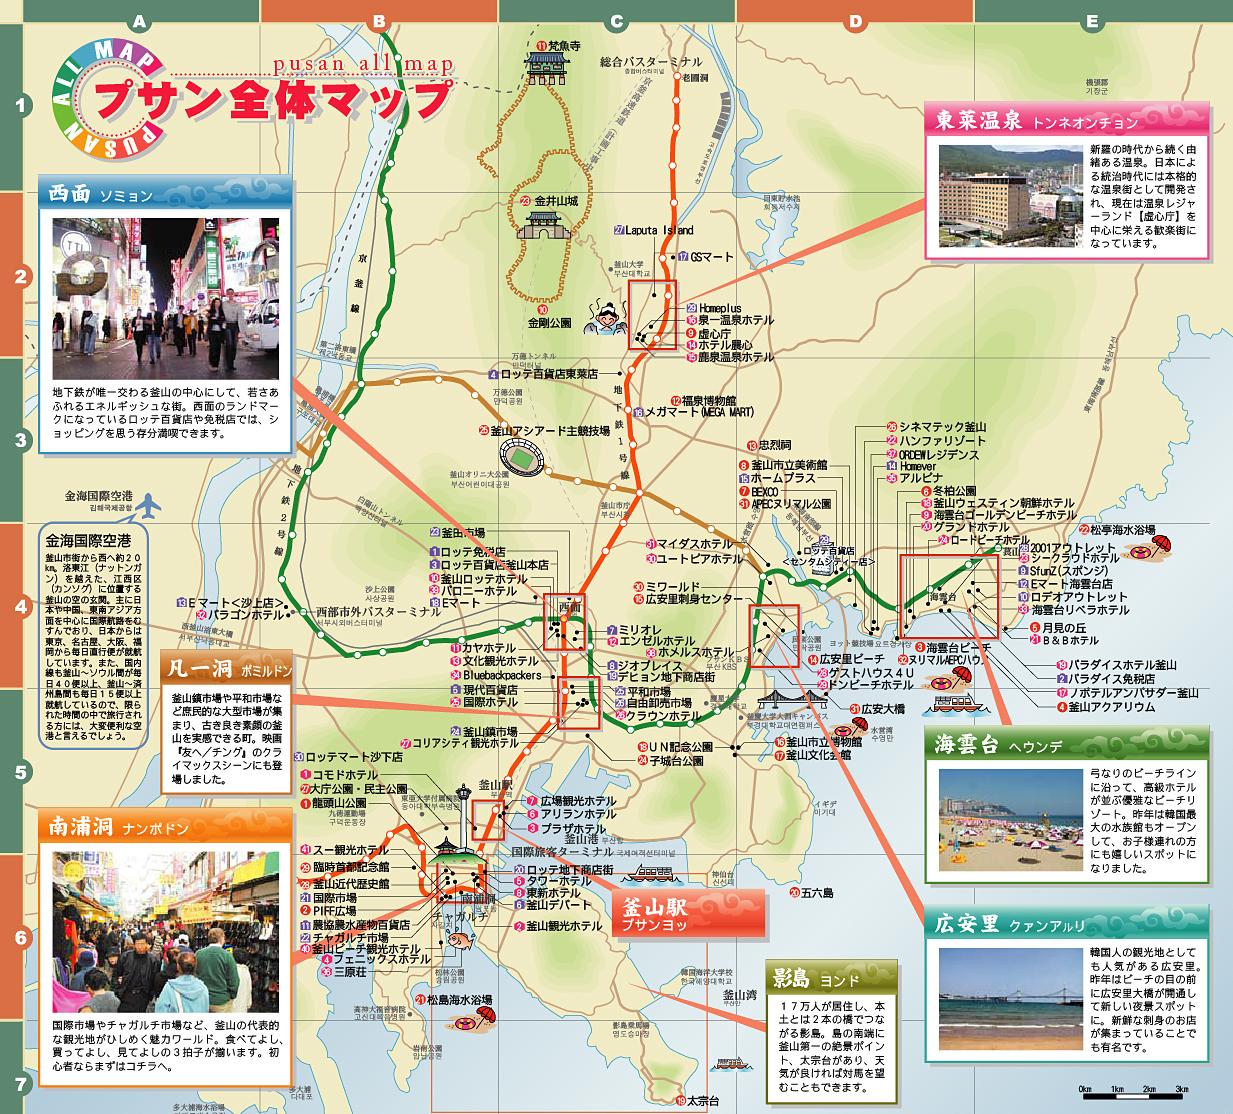 釜山全体MAP